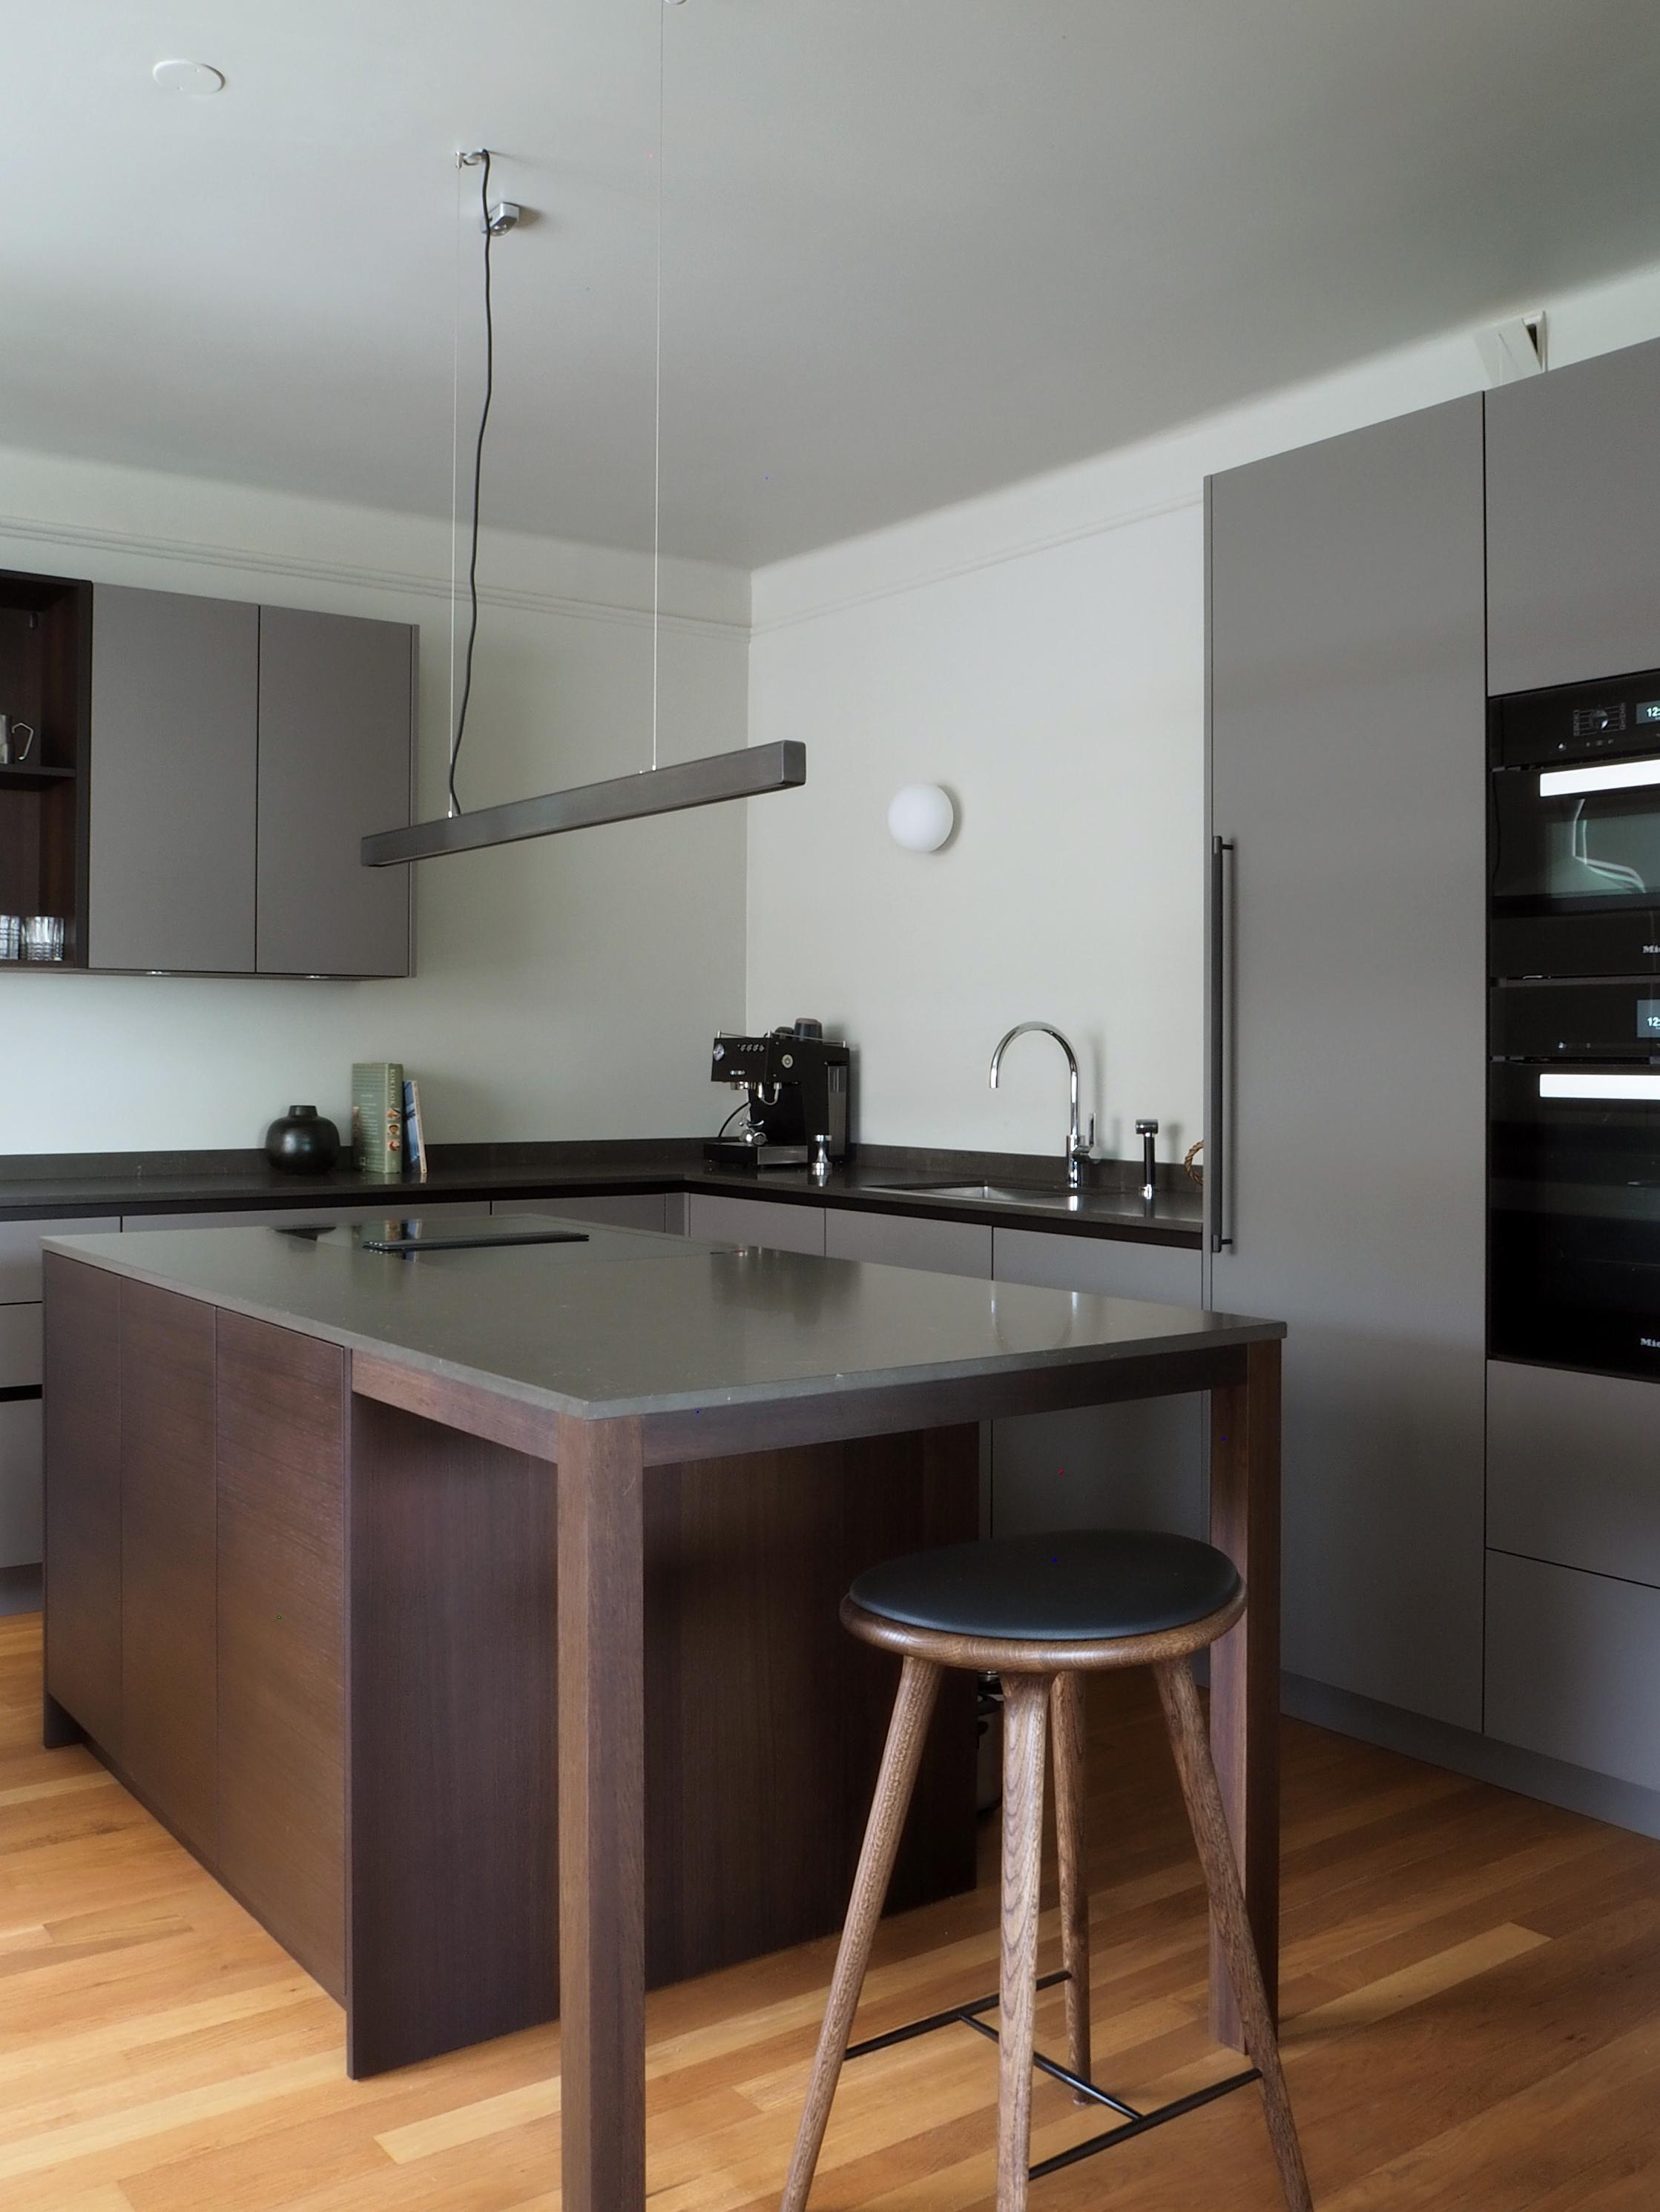 Kjøkkenøy med koketopp og barkrakk fra   Mater  .